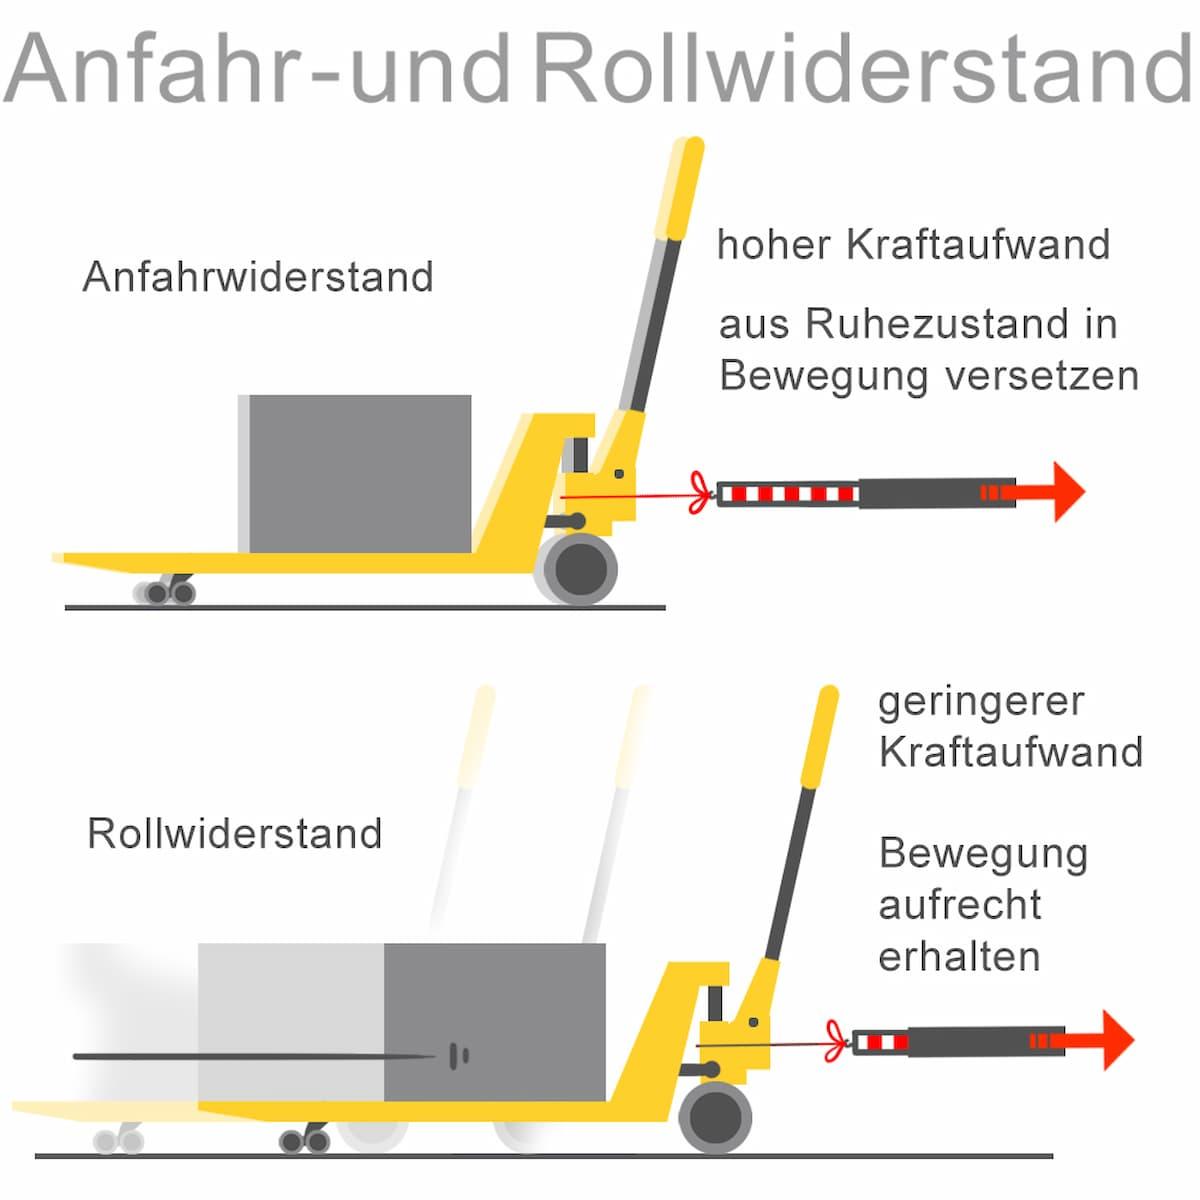 Erklärt: Anfahr und Rollwiderstand